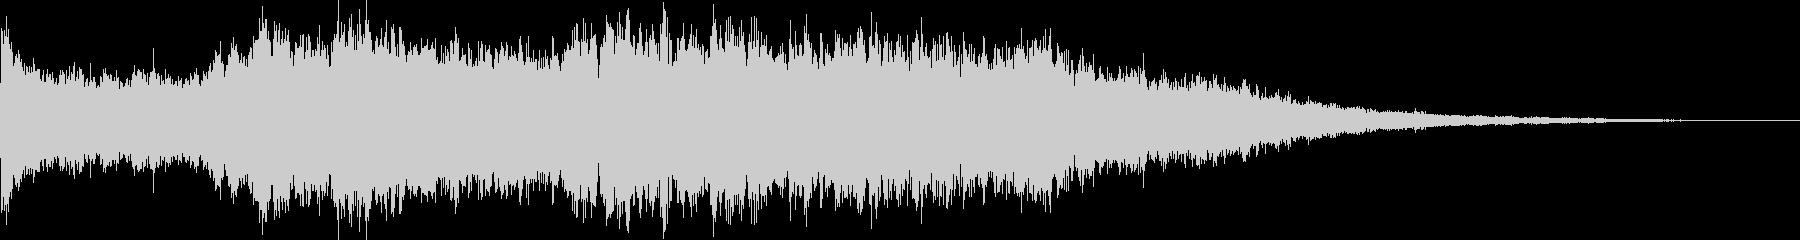 「バーン」重厚なサウンドロゴ・起動音の未再生の波形